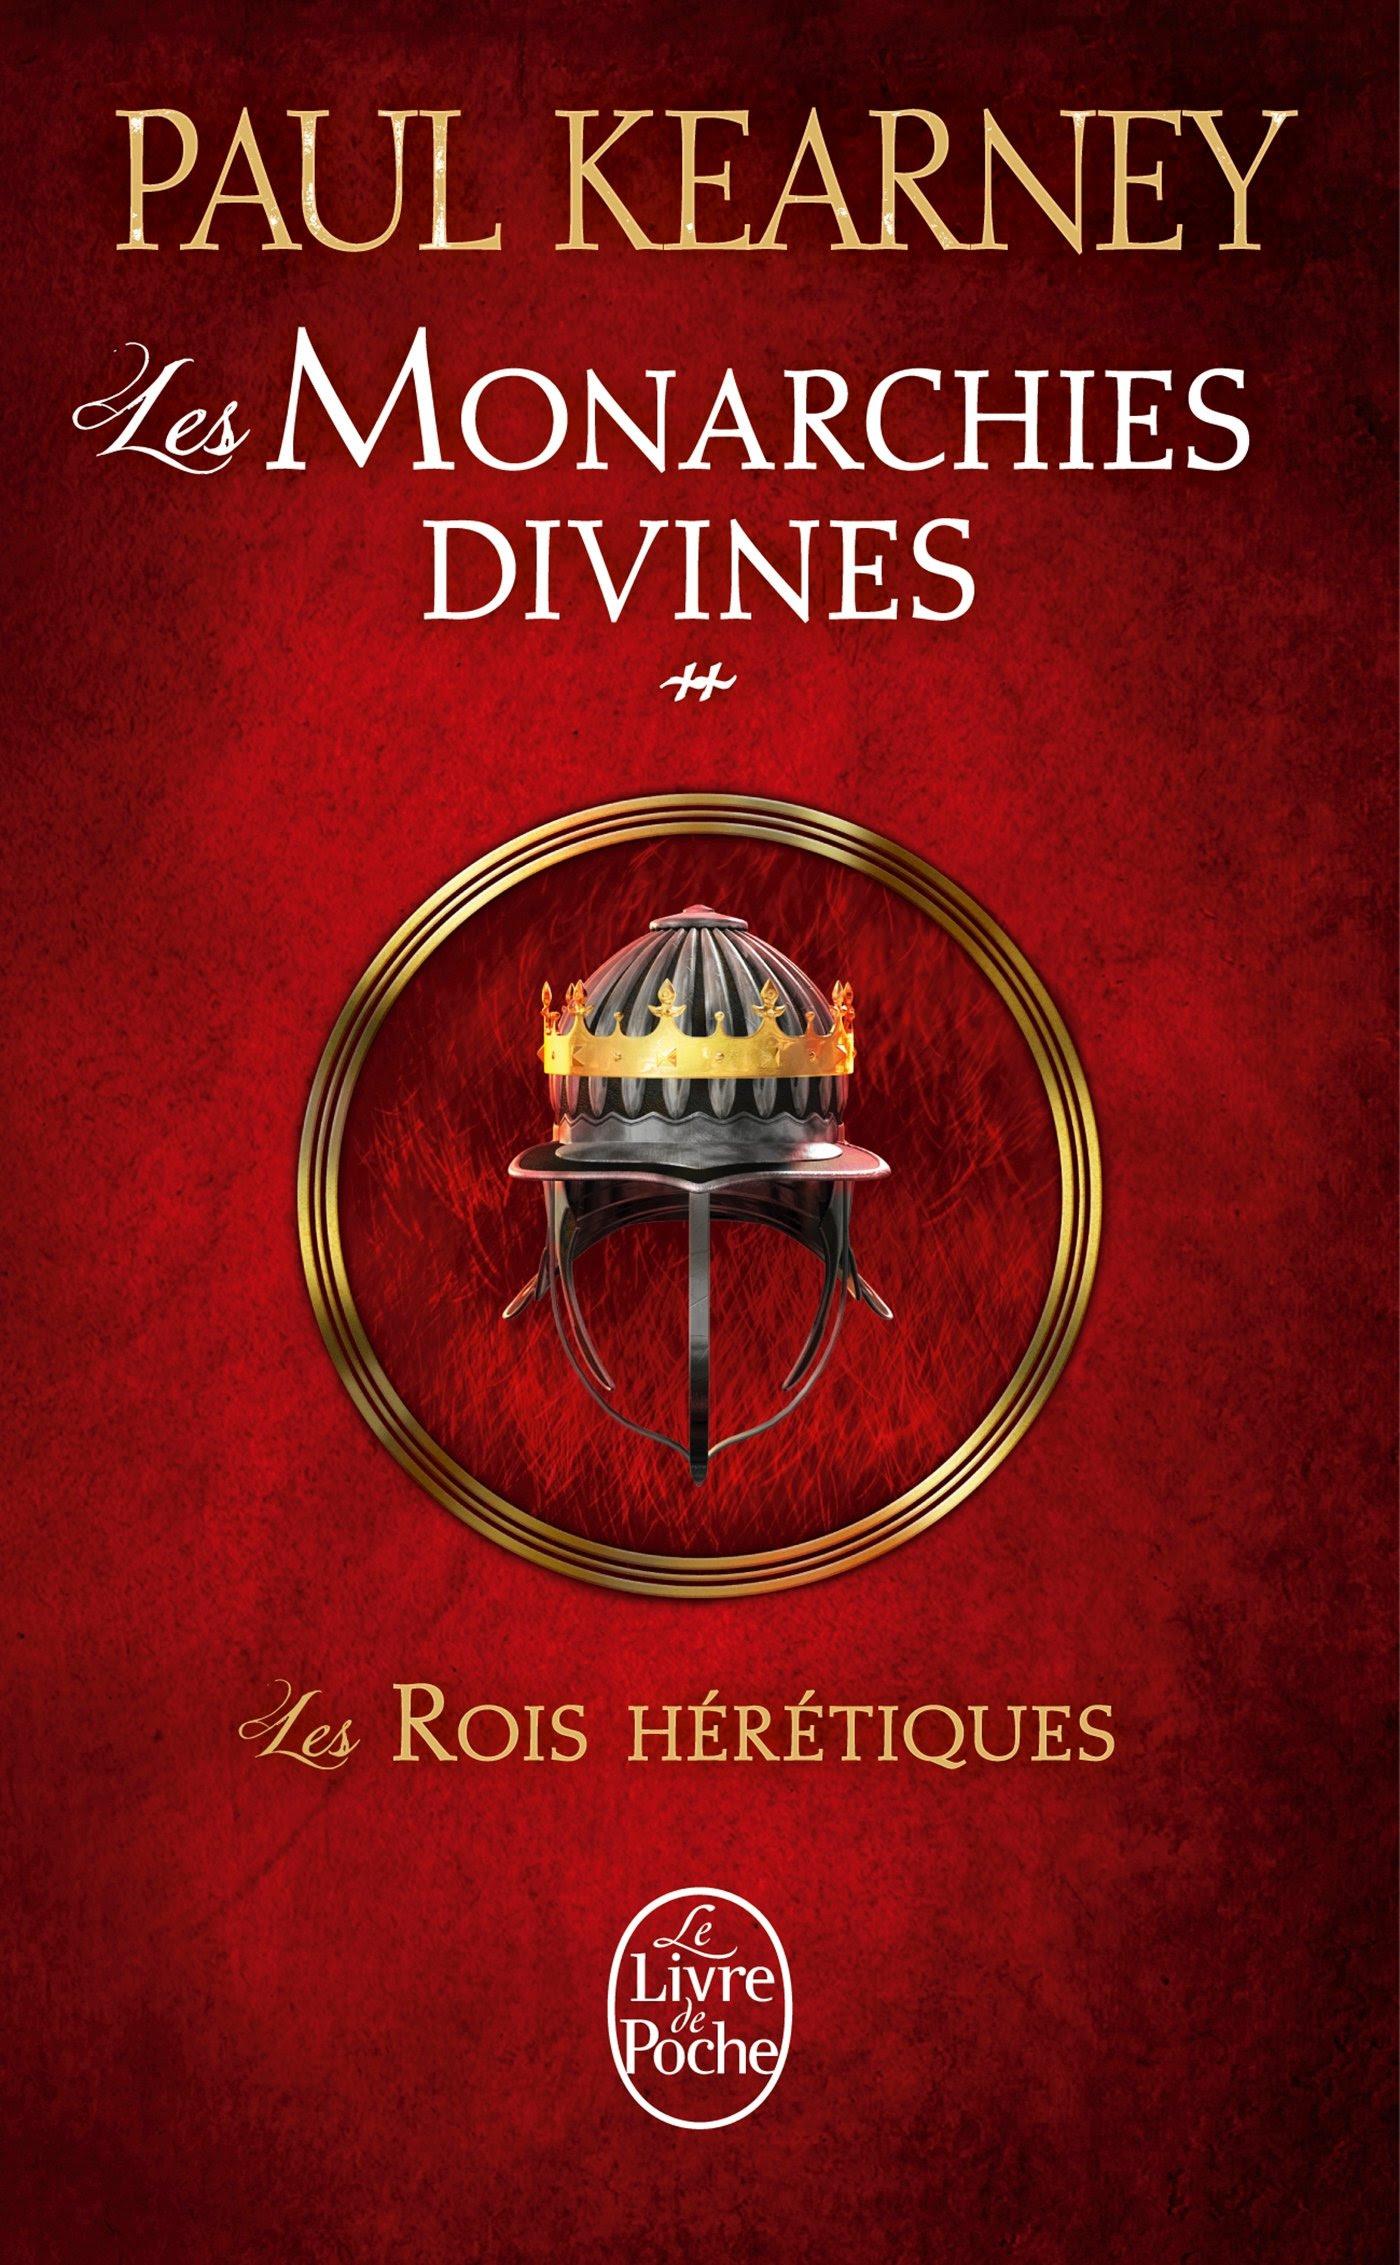 http://lesvictimesdelouve.blogspot.fr/2014/04/les-monarchies-divines-tome-2-les-rois.html